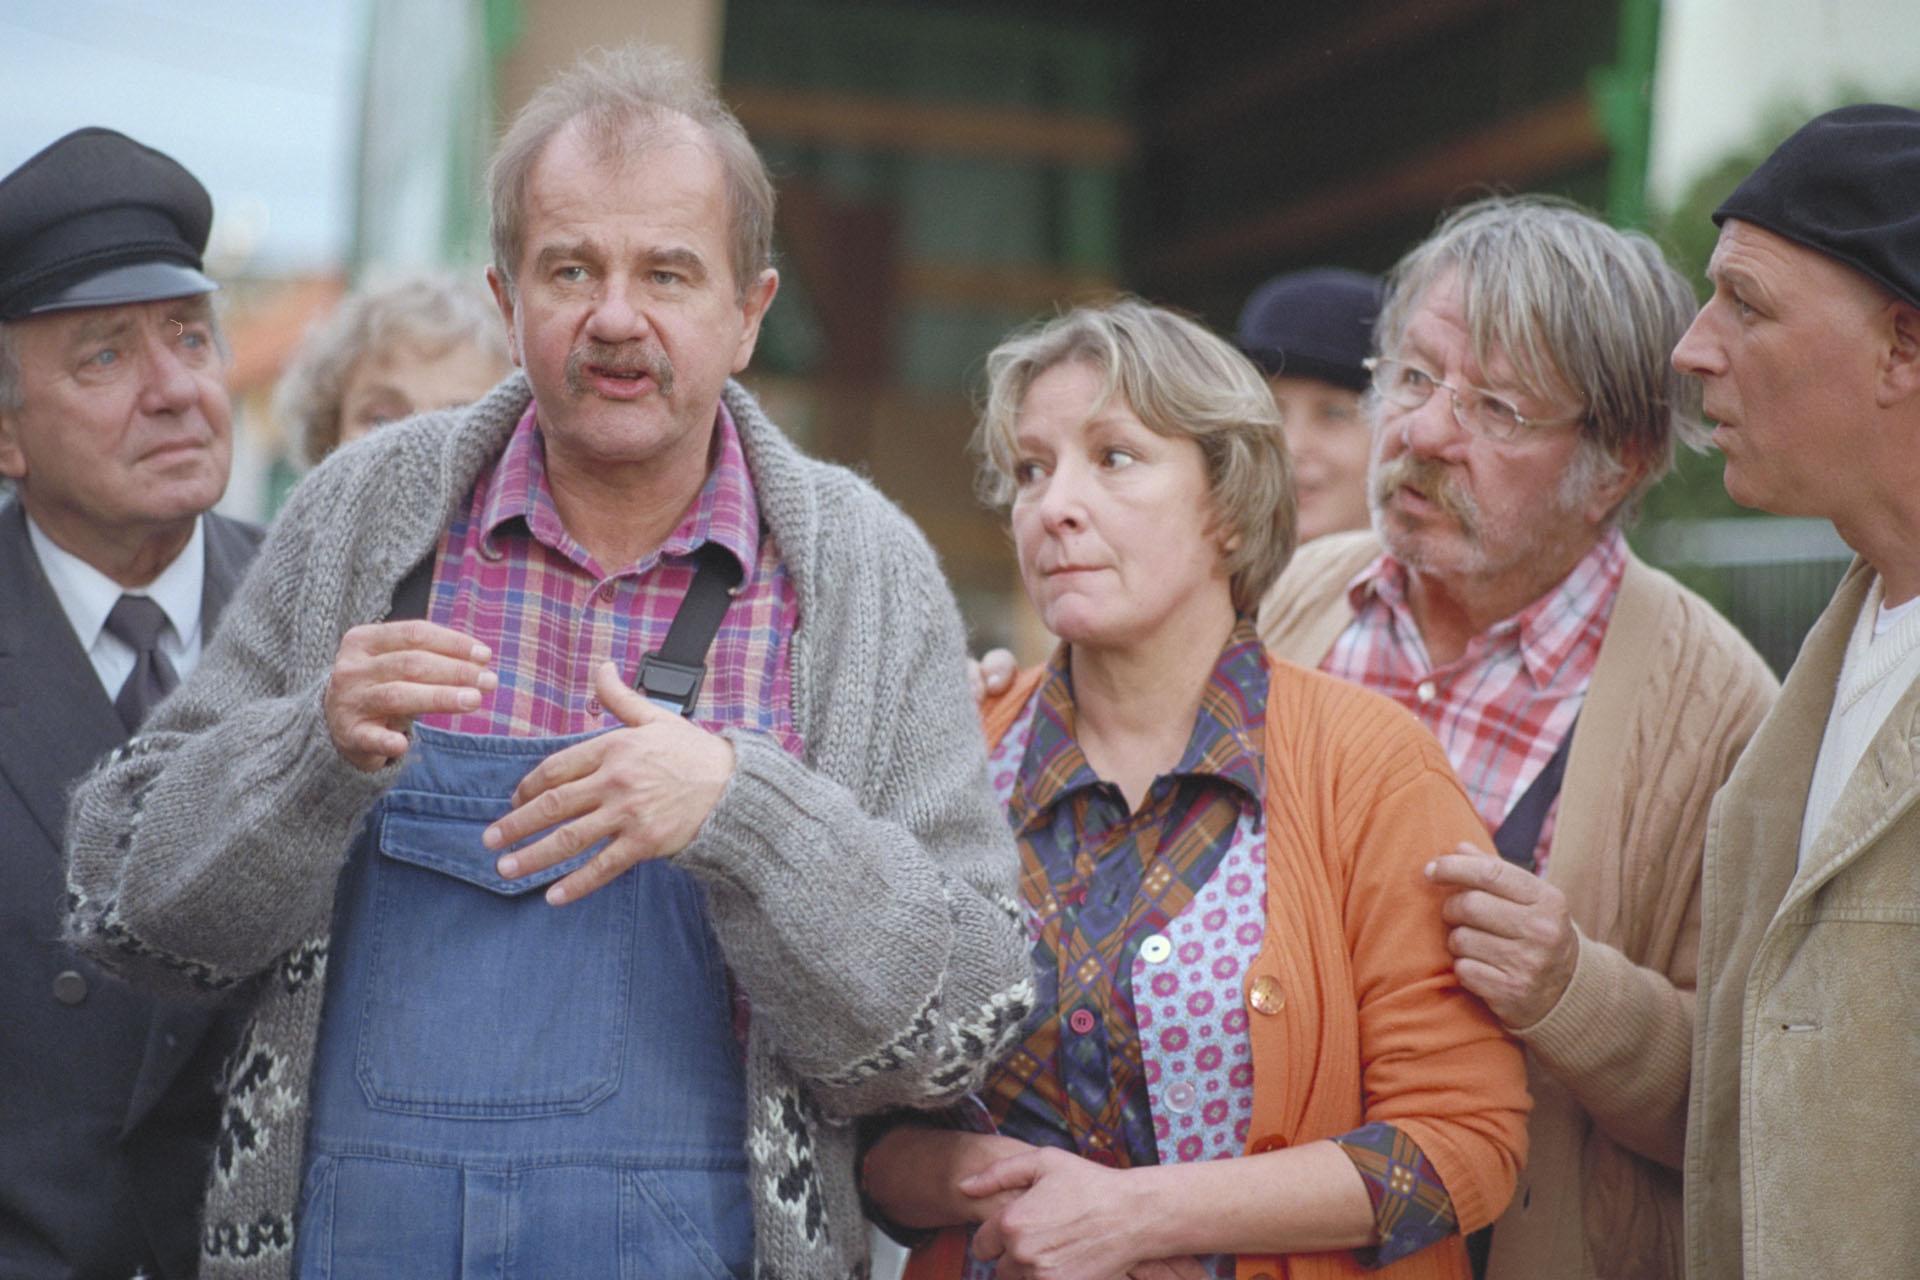 © Star*Film / Helene Waldner - Hans Clarin, Ernst Konarek, Kittiy Speiser, Heinz Petters, Alexander Goebel